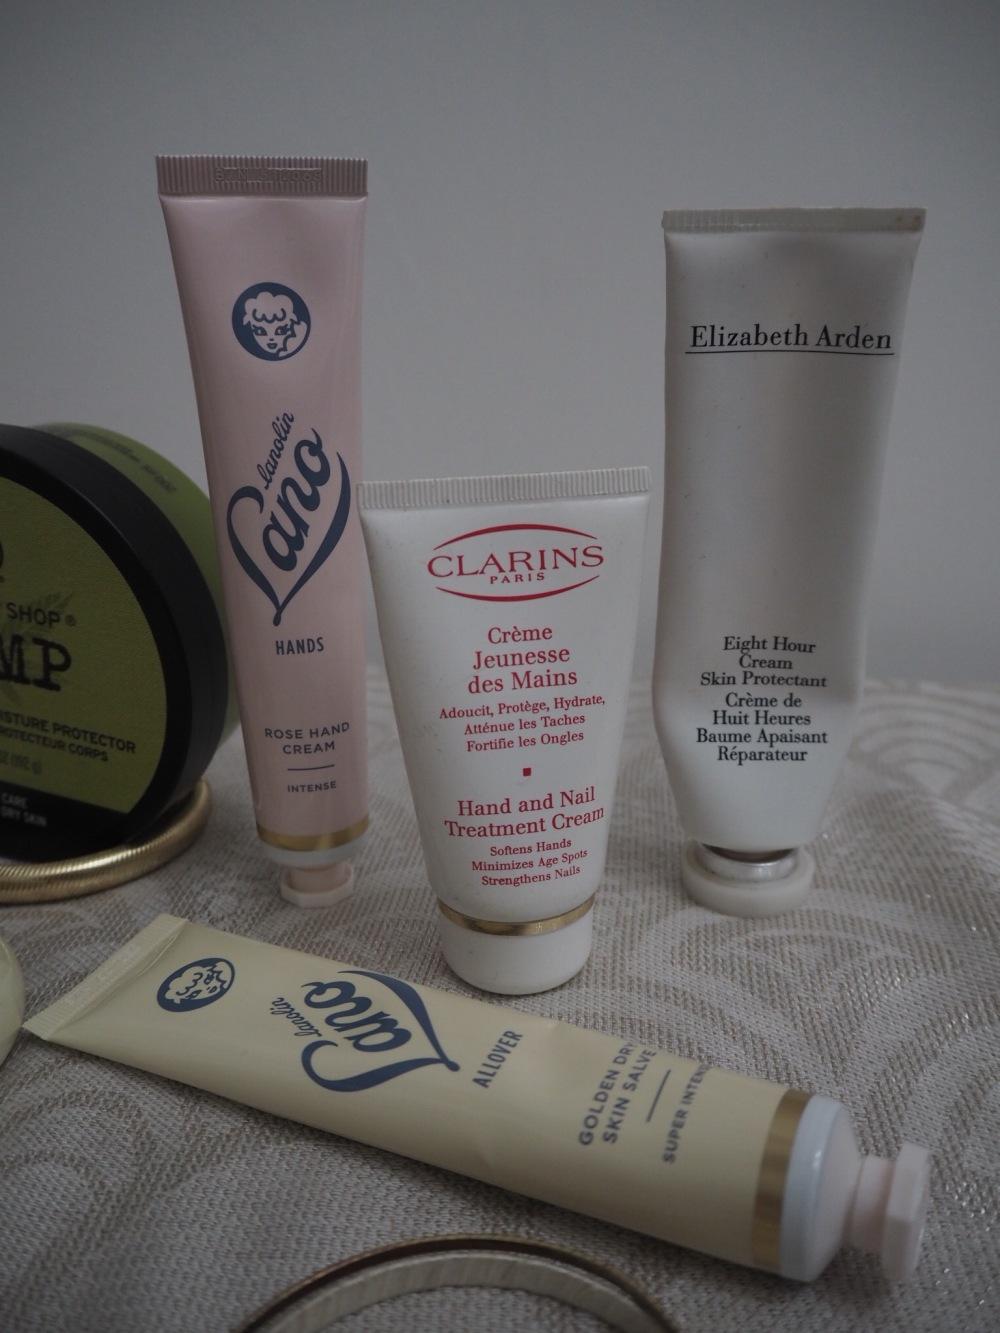 10 Tips For Dry Winter Skin- Hand cream tubes